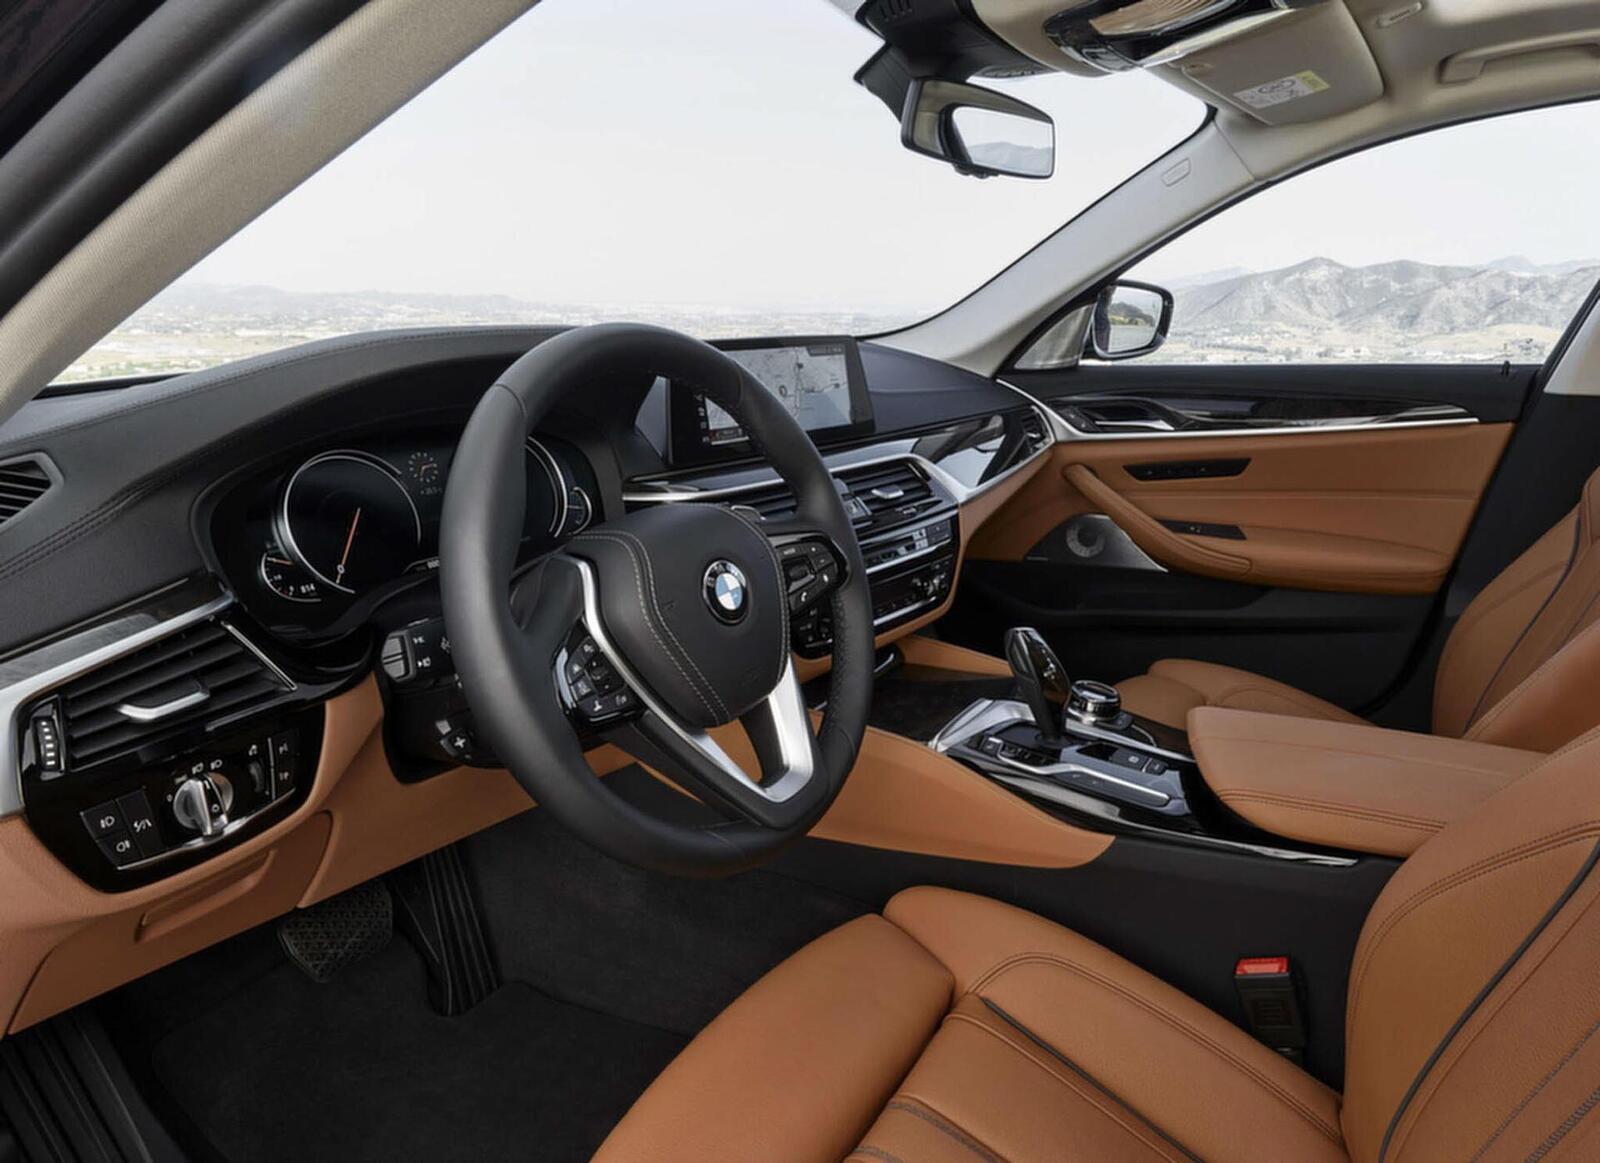 Lộ giá bán của BMW 520i và 530i thế hệ mới tại Việt Nam; từ 2,389 đến 3,069 tỷ đồng - Hình 10